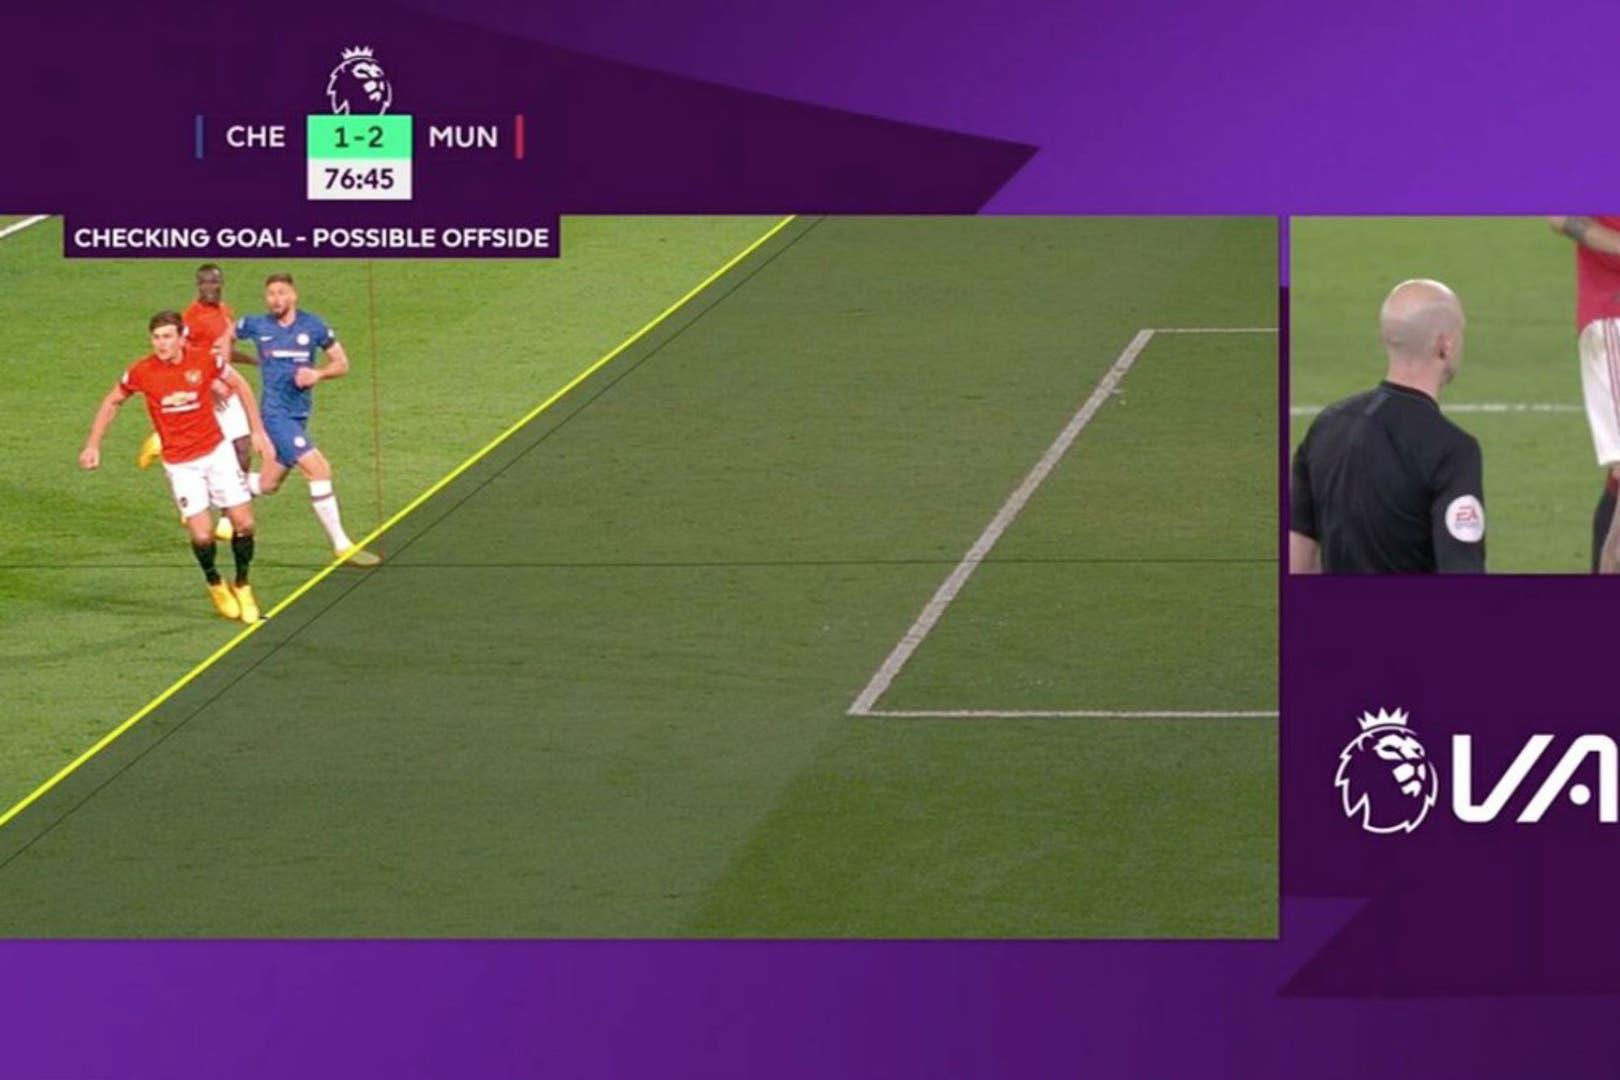 Al delantero de Chelsea Olivier Giroud le anularon el gol del descuento ante Manchester United el lunes por tener medio pie delante de la línea del último defensor. Esto trajo la polémica sobre si la ley del off side es justa o no